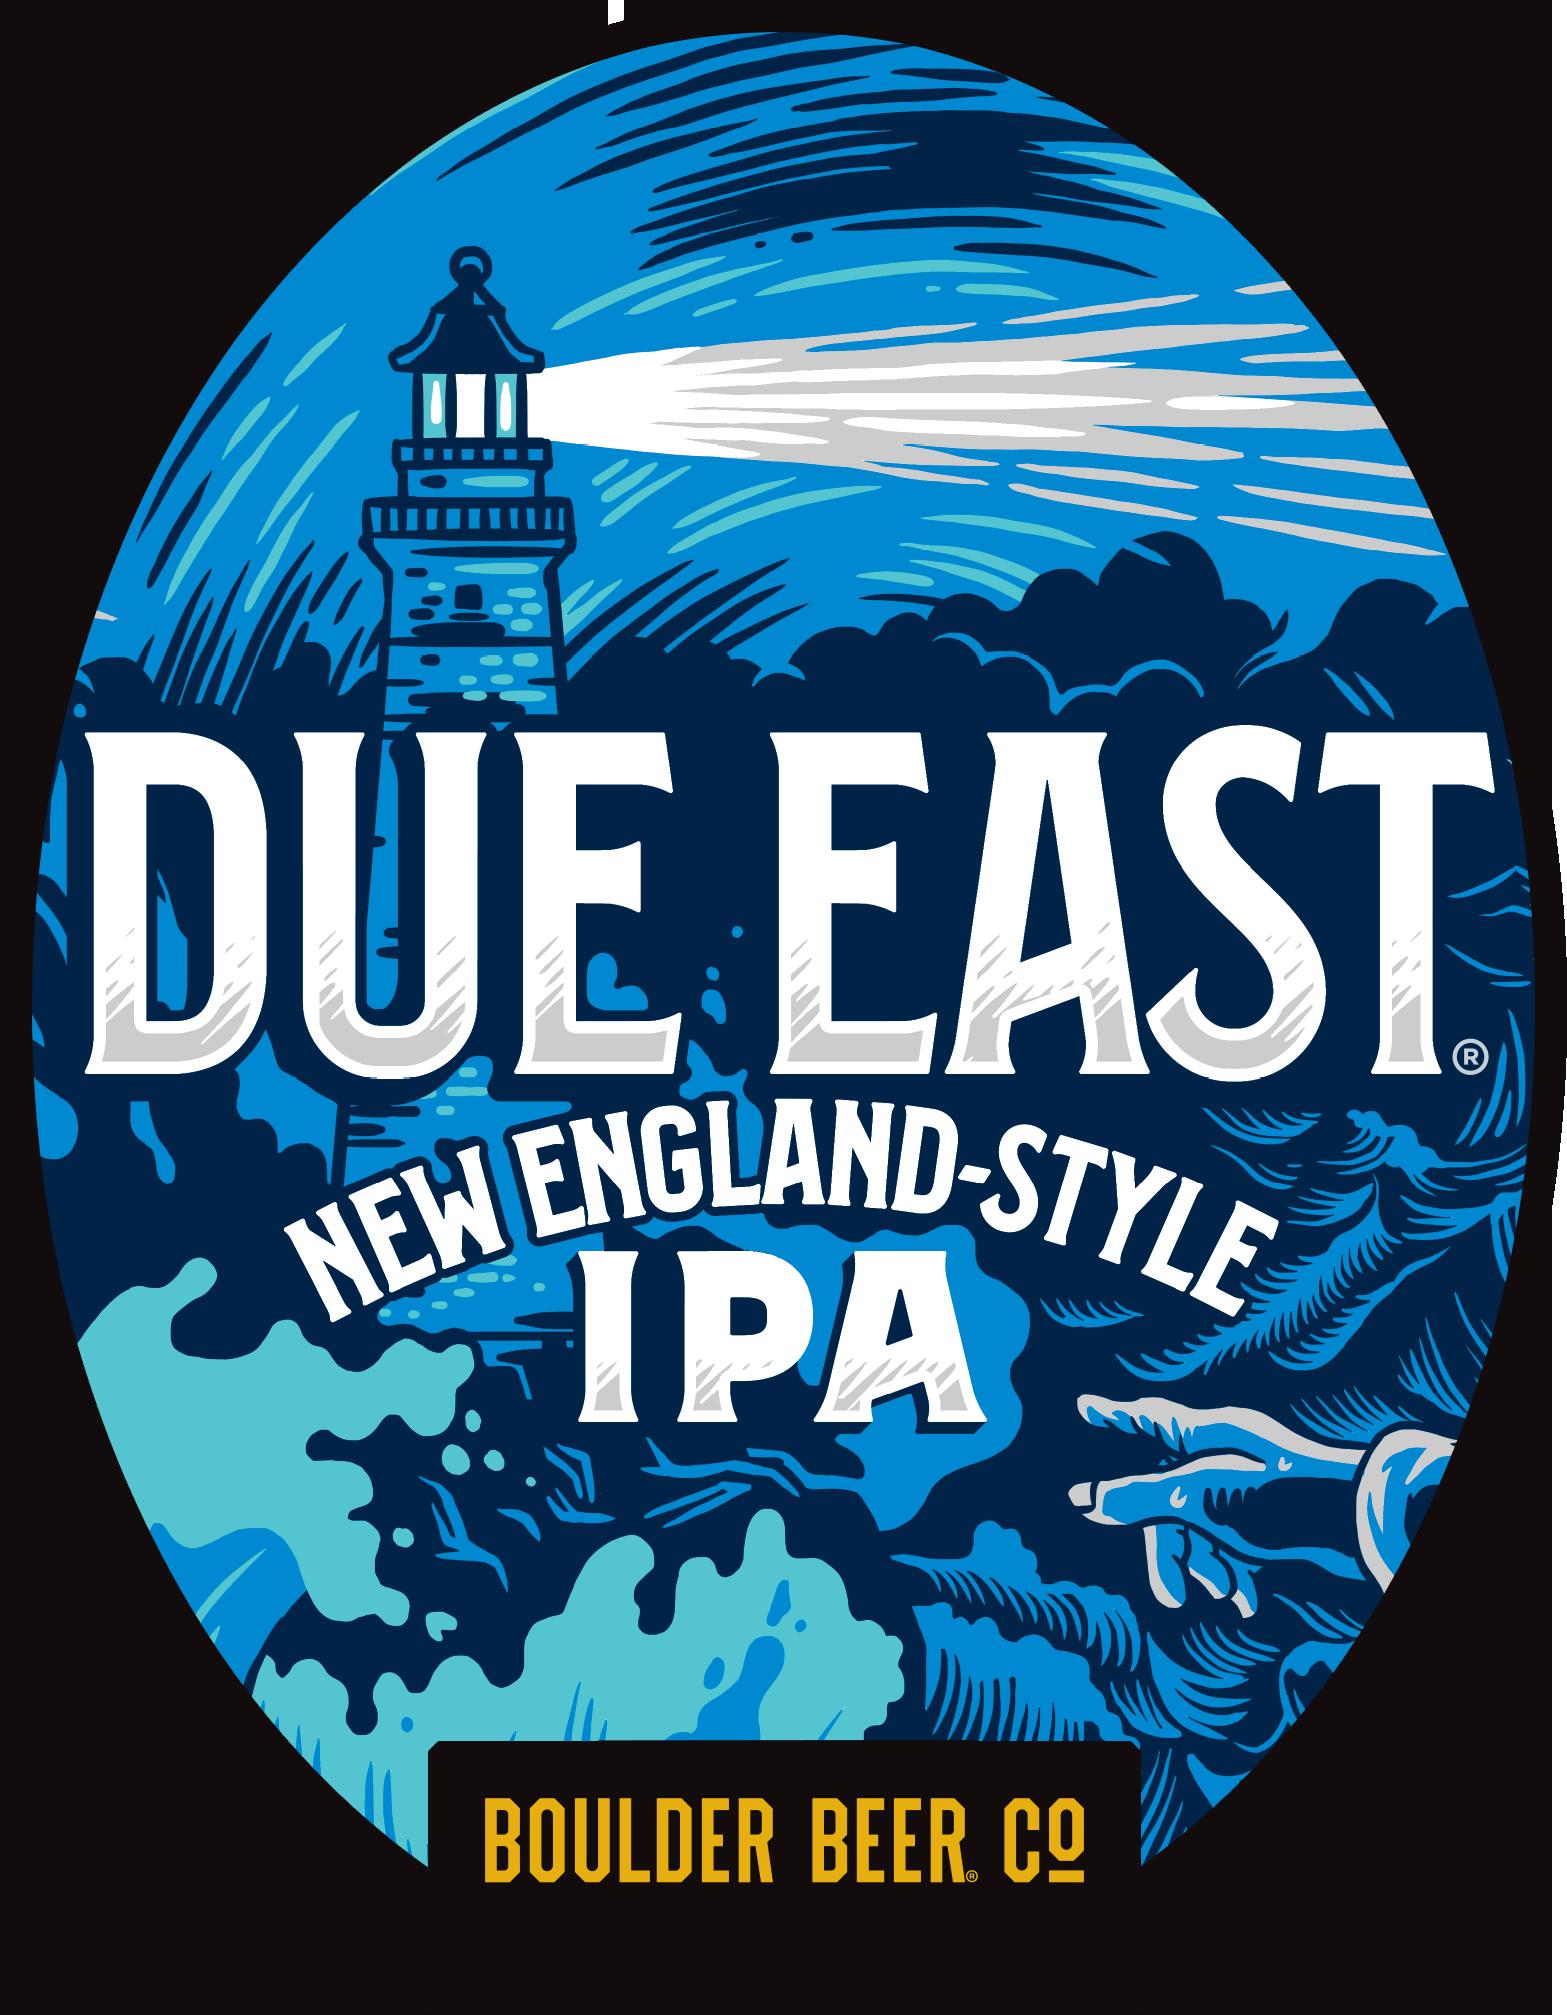 04675-1.4 Boulder Beer Due East Oval.png